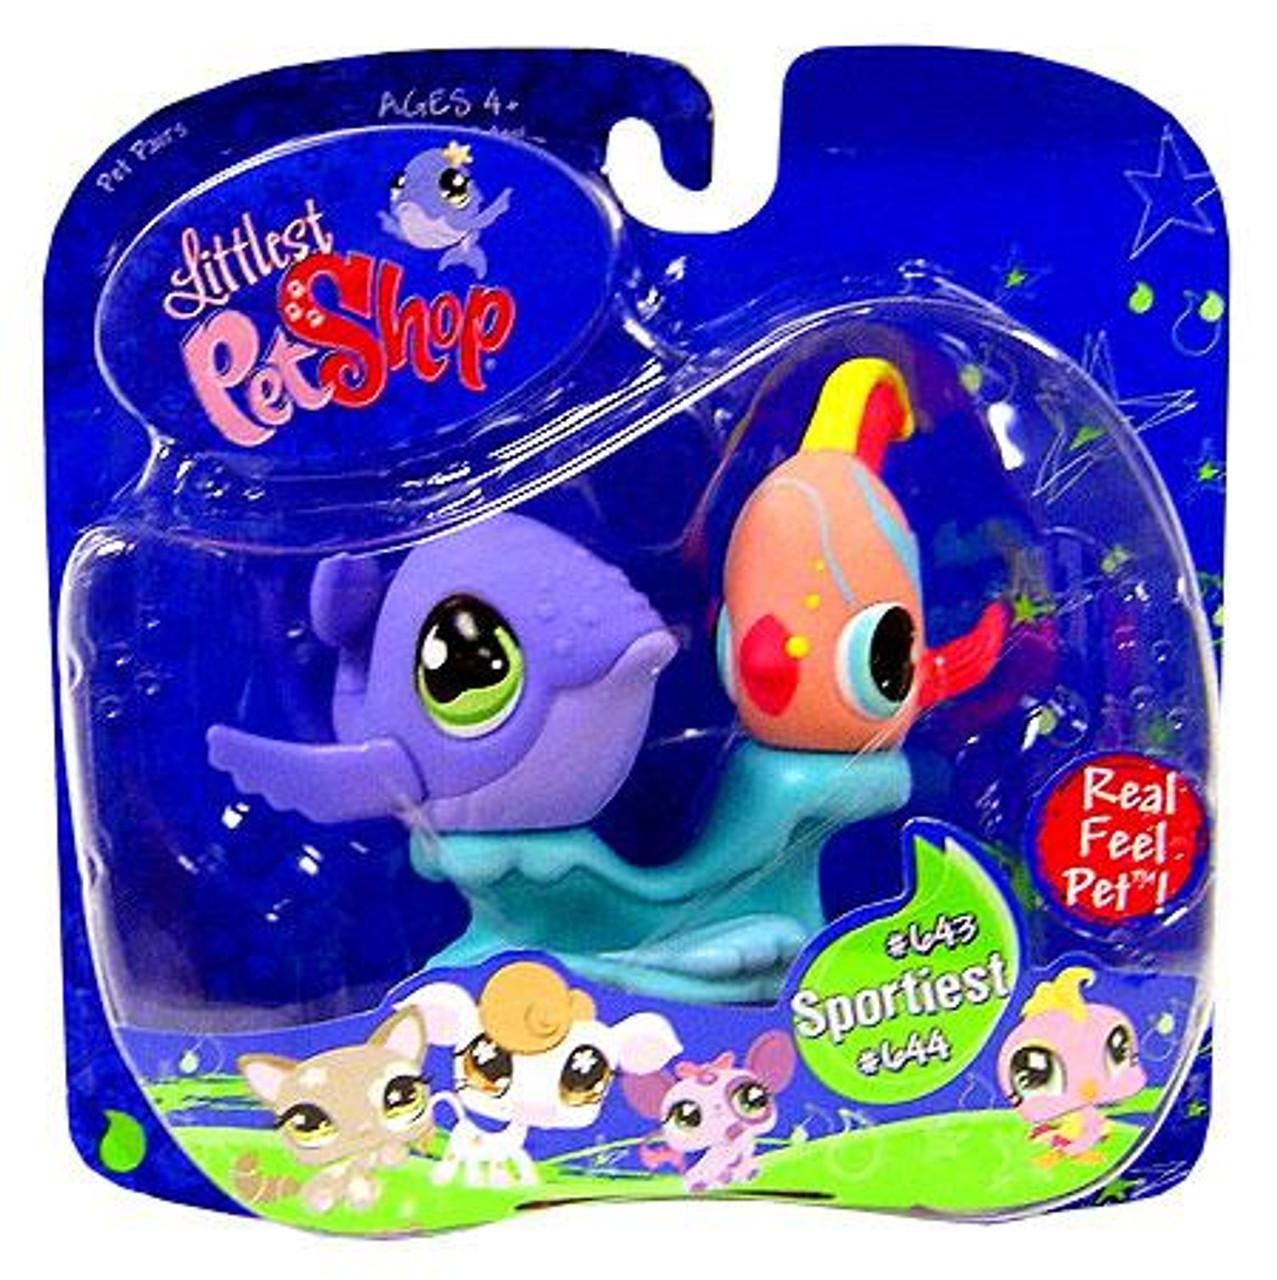 Littlest Pet Shop Pet Pairs Fish & Whale Figure 2-Pack #643, 644